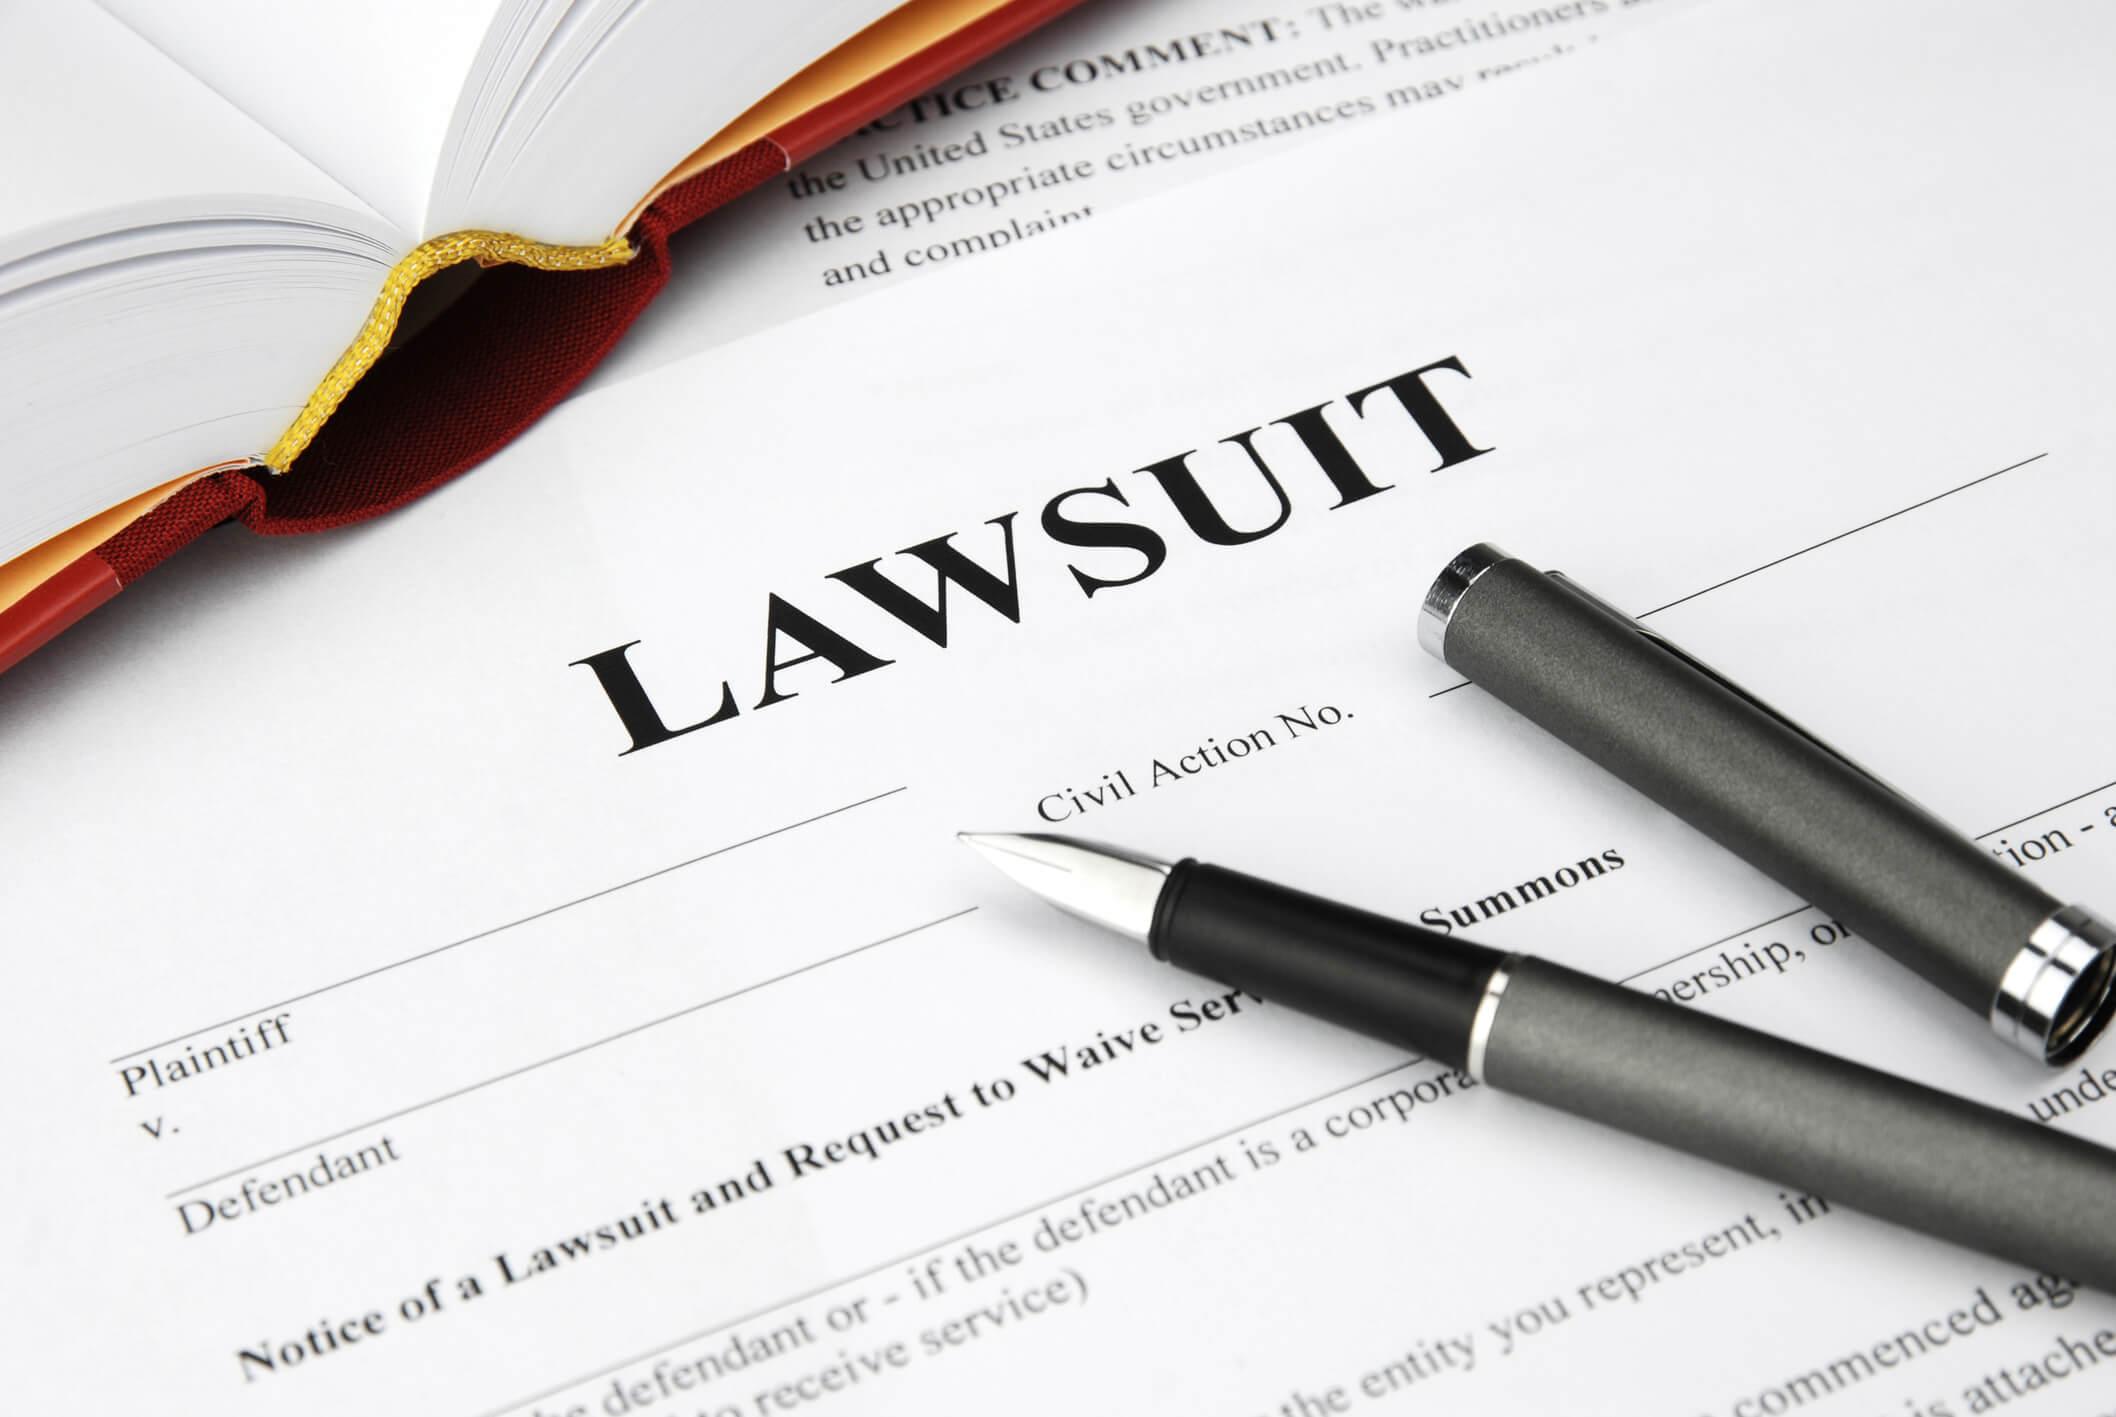 LuLaRoe Lawsuit #23! - @LULAROEFAIL